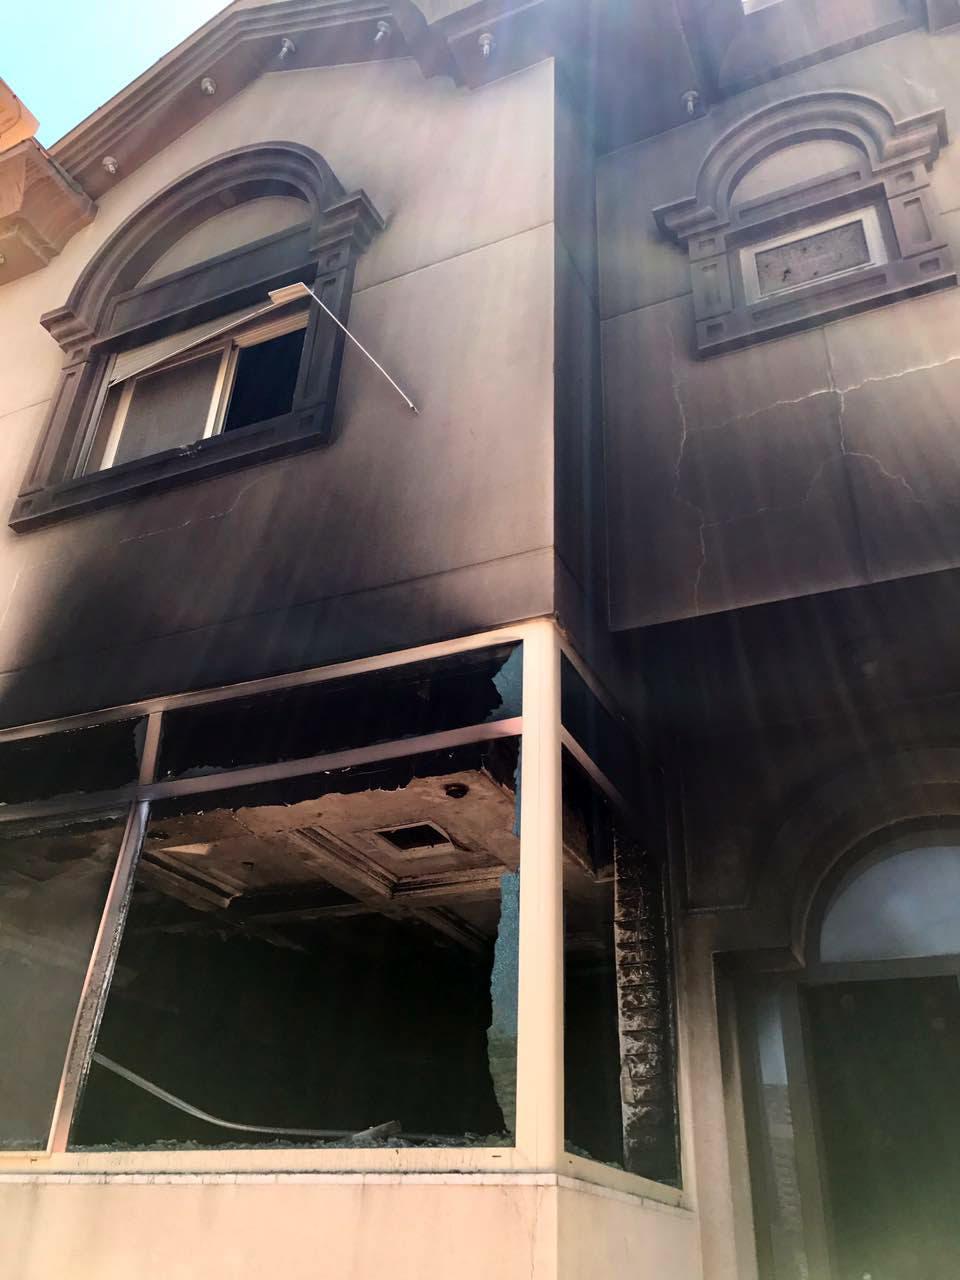 منزل البراهيم بعد تعرضه للحريق من قبل الارهابيين